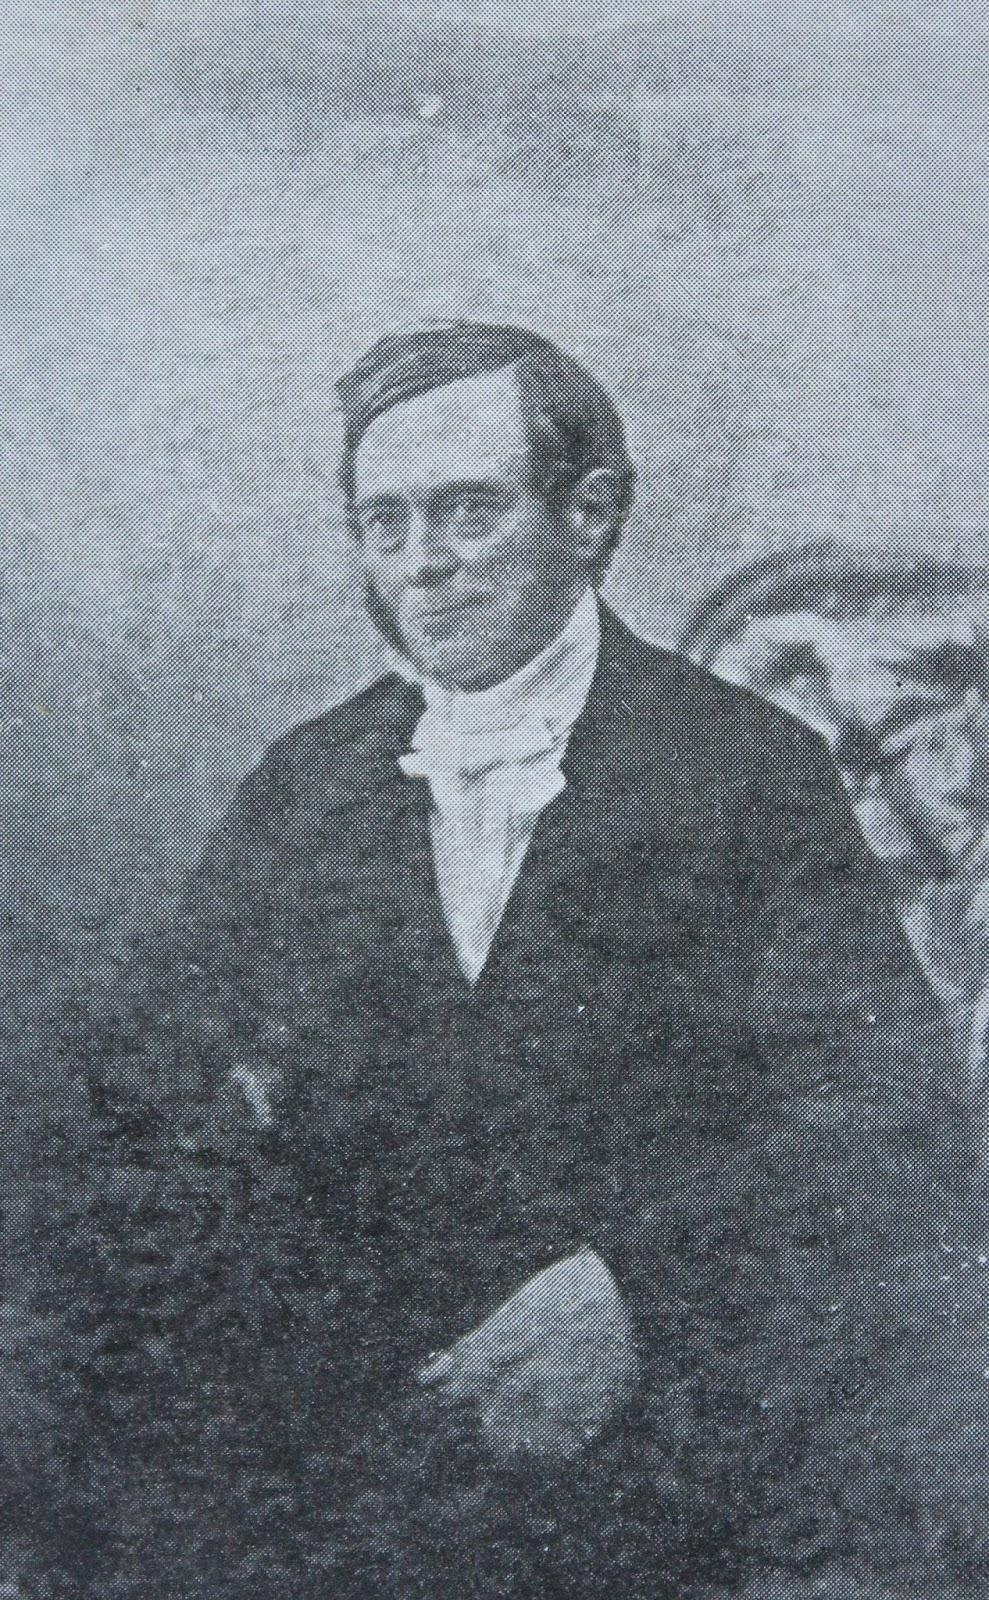 Frederick Ashton